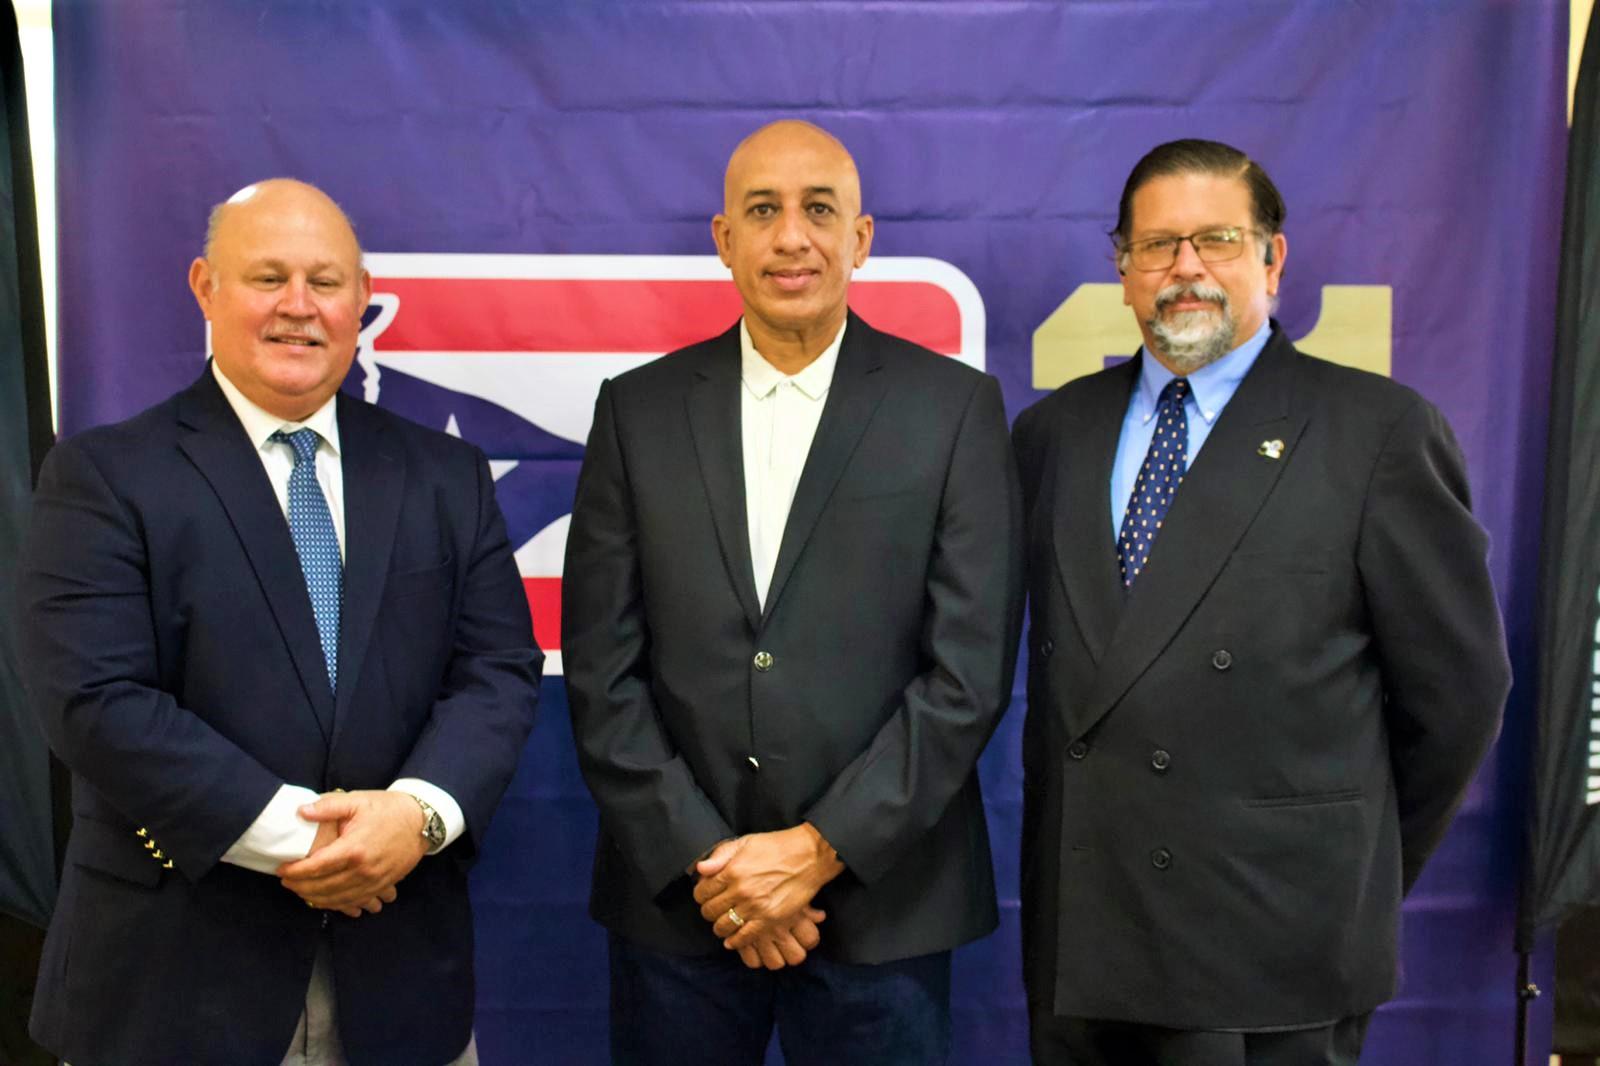 Carlos Berroa - Director de Torneo LBPRC junto al Comisionado Lcdo. Jorge Sosa  y Dr Miguel Vélez Rubio (Foto: LBPRC Media)